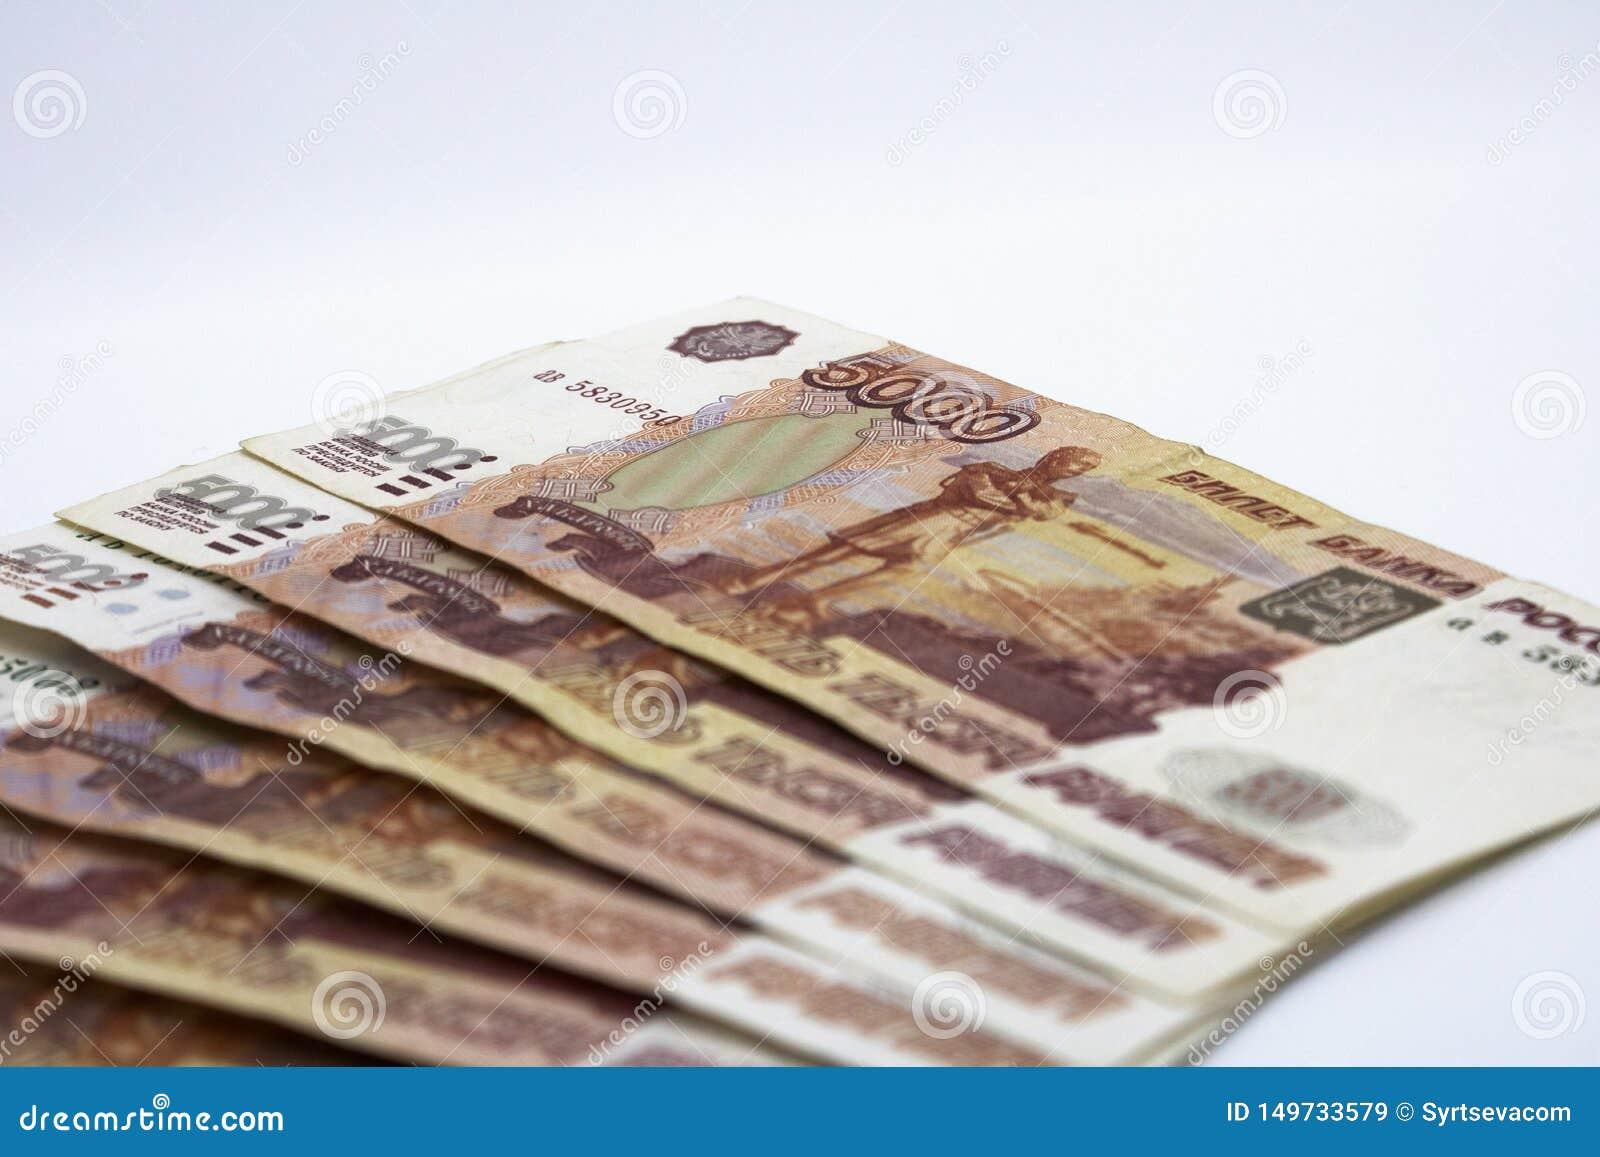 Lotes do dinheiro do russo as c?dulas v?m nas denomina??es de cinco mil close-up das c?dulas